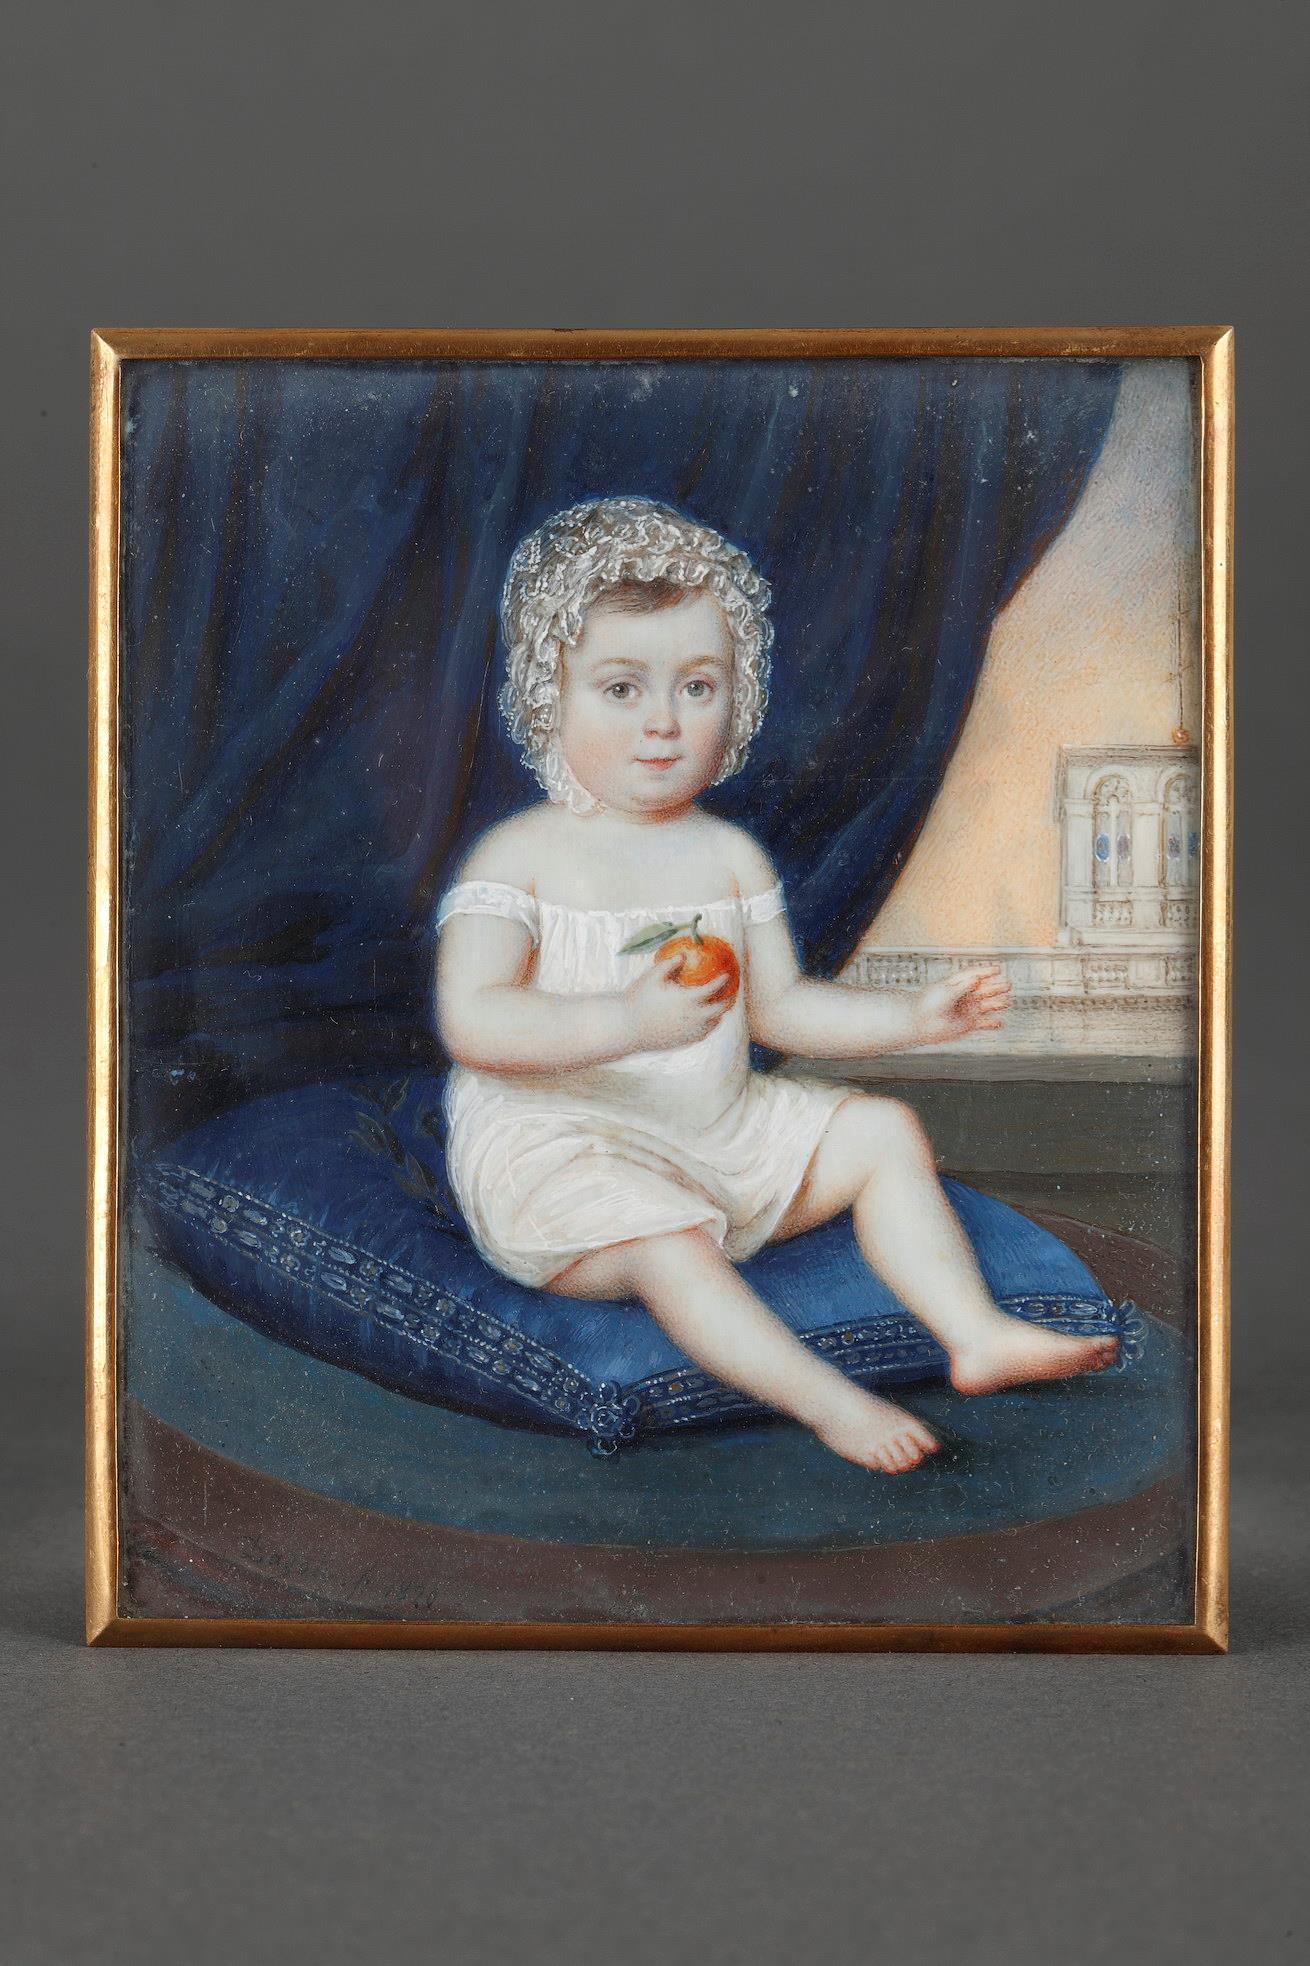 Miniature on ivory signed DAGOTY 1820.